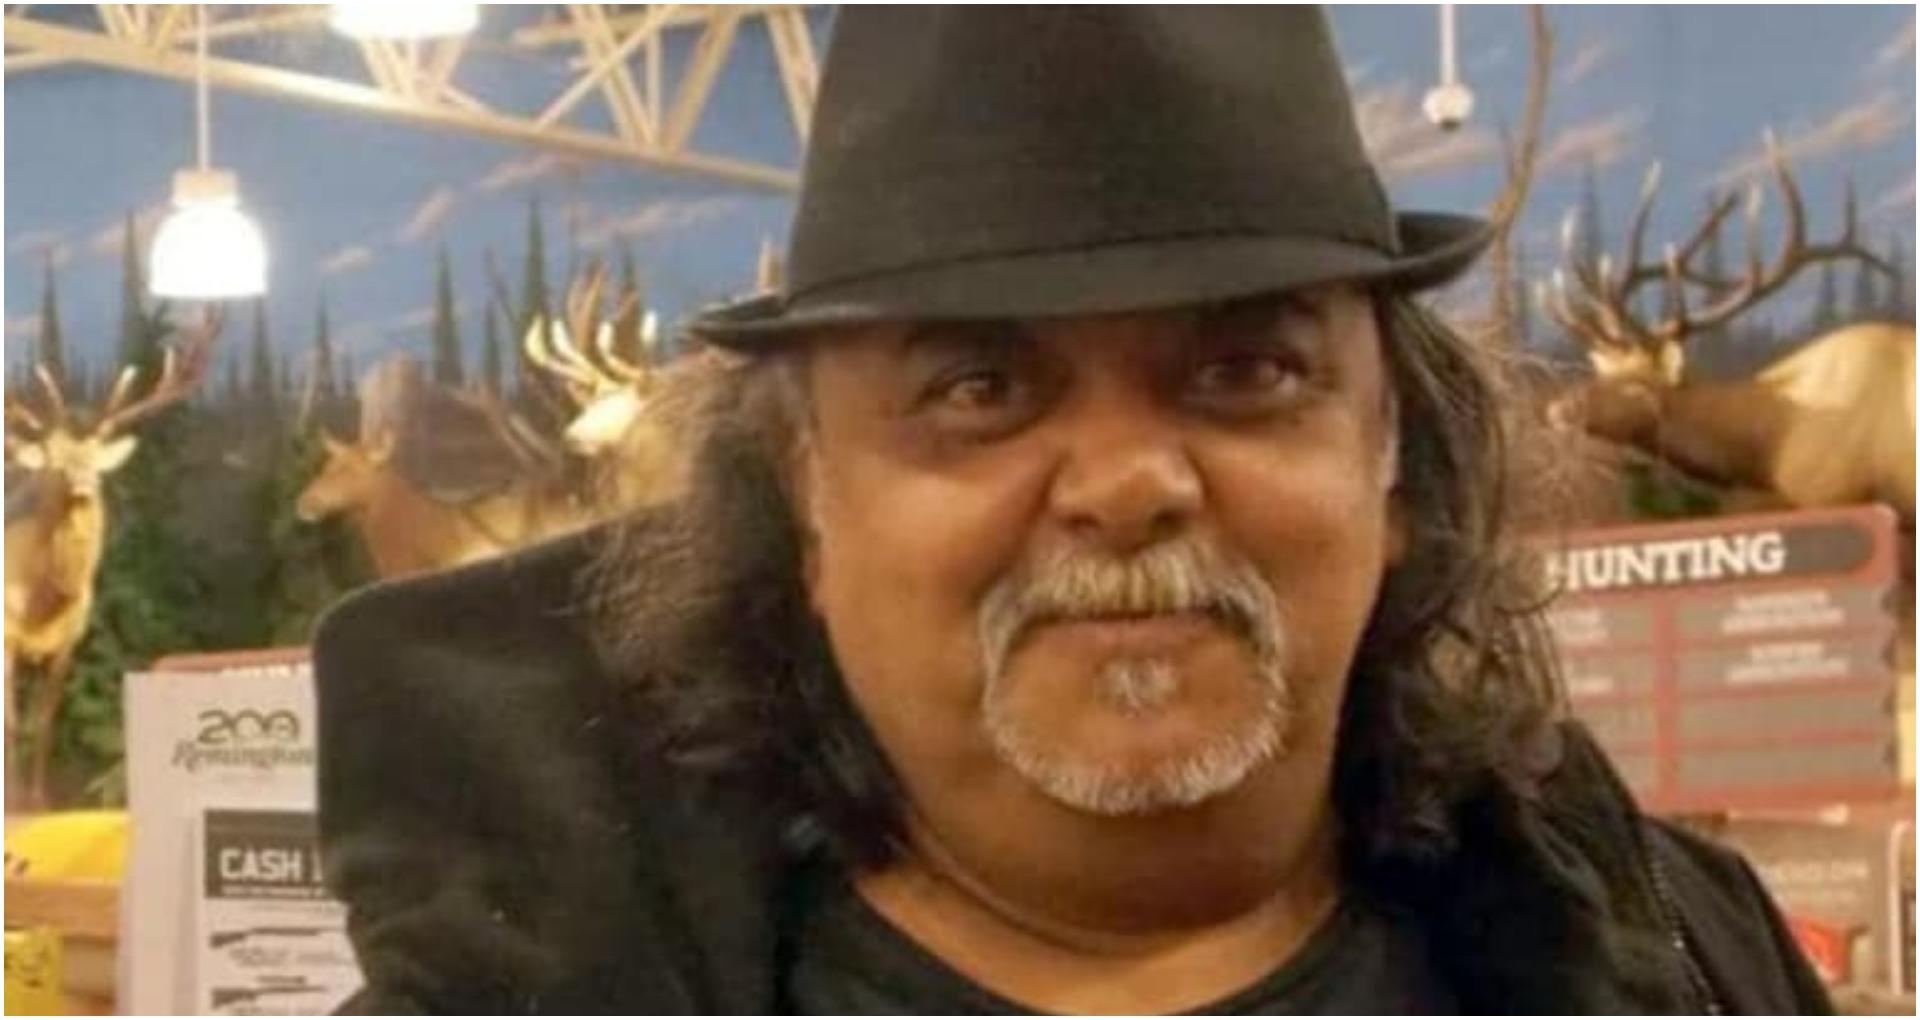 बॉलीवुड से आई बुरी खबर, डायरेक्टर रजत मुखर्जी का निधन, लंबे समय से थे बीमार